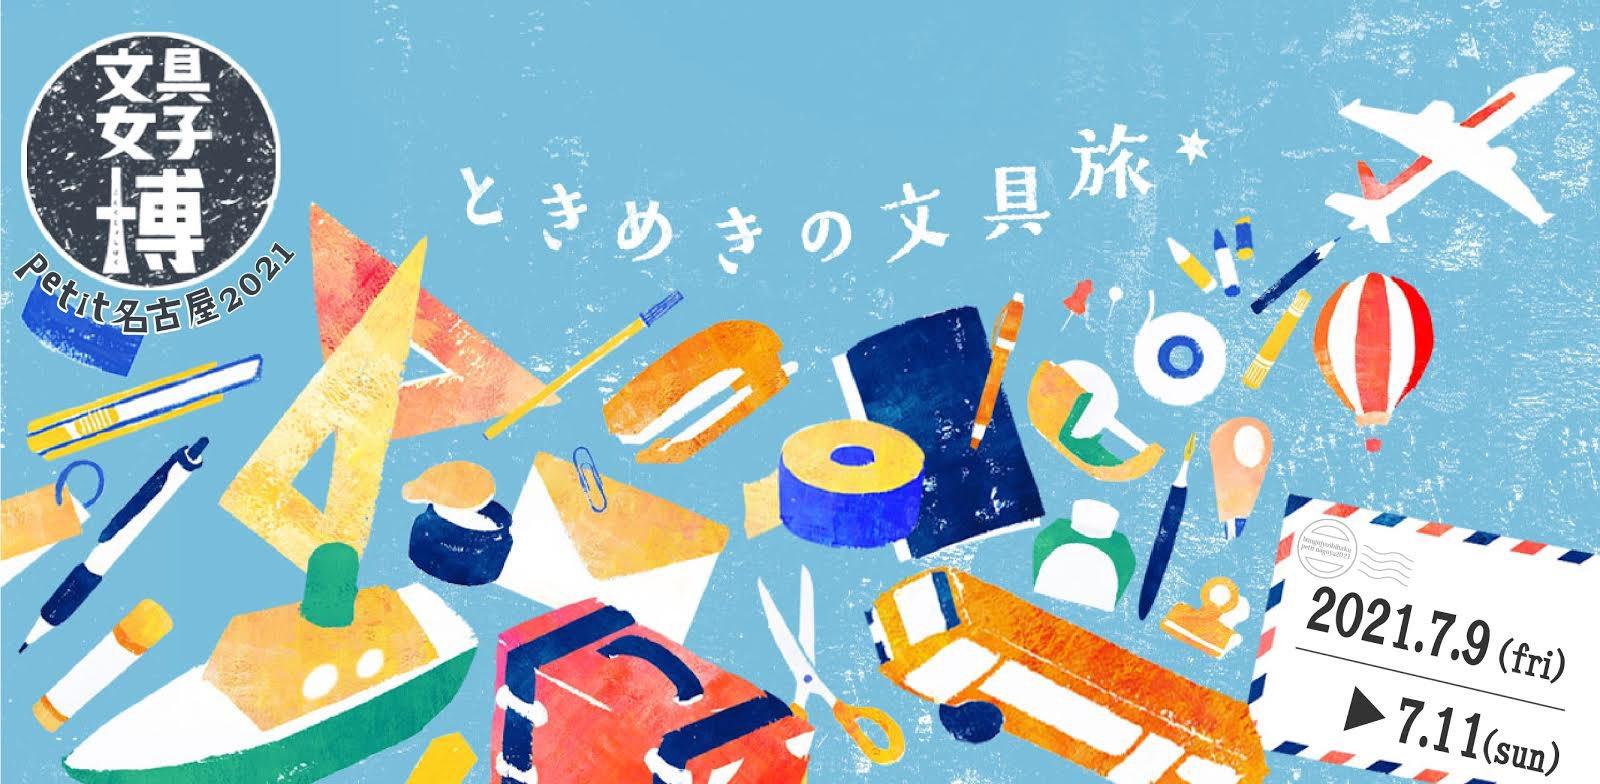 文具女子博petit名古屋2021 出展のお知らせ